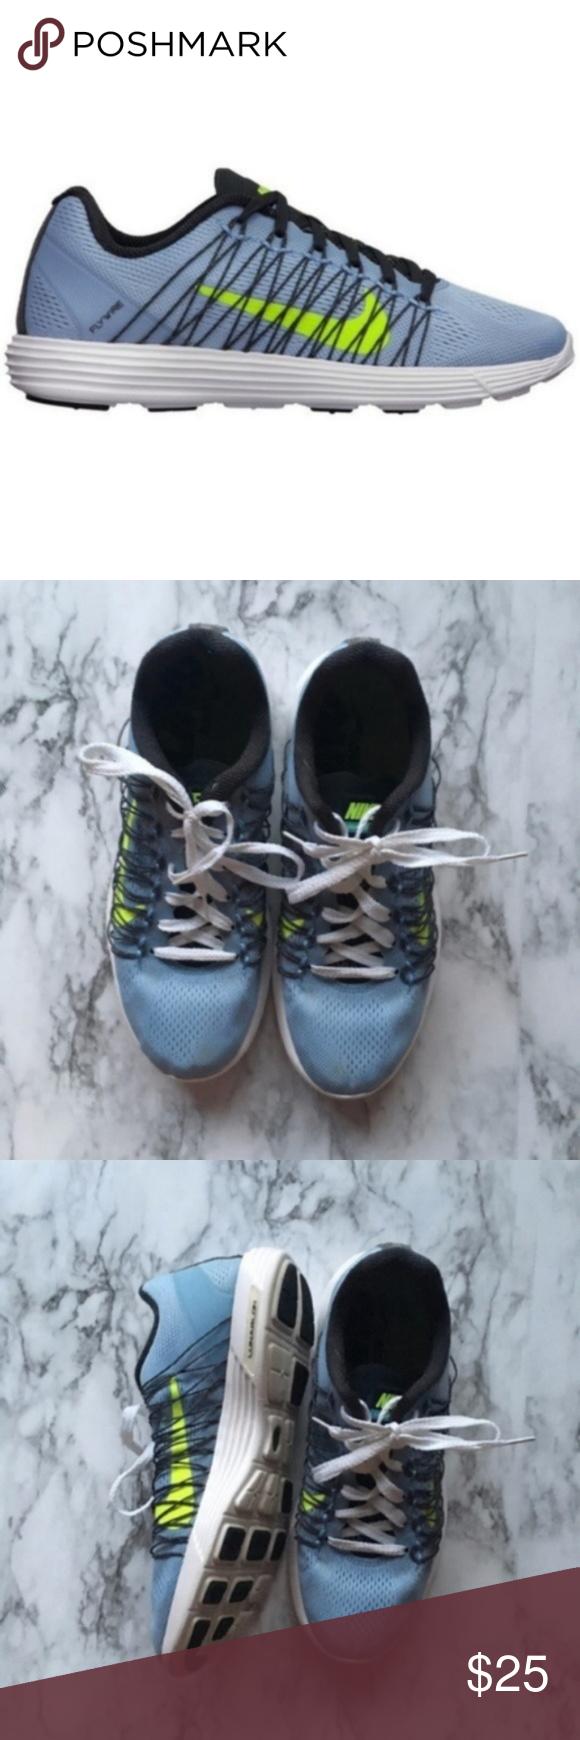 on sale 0e605 42ece Nike Lunaracer 3 Women s Blue Running Sneakers Nike Lunaracer 3 women s  running shoe combines the feel